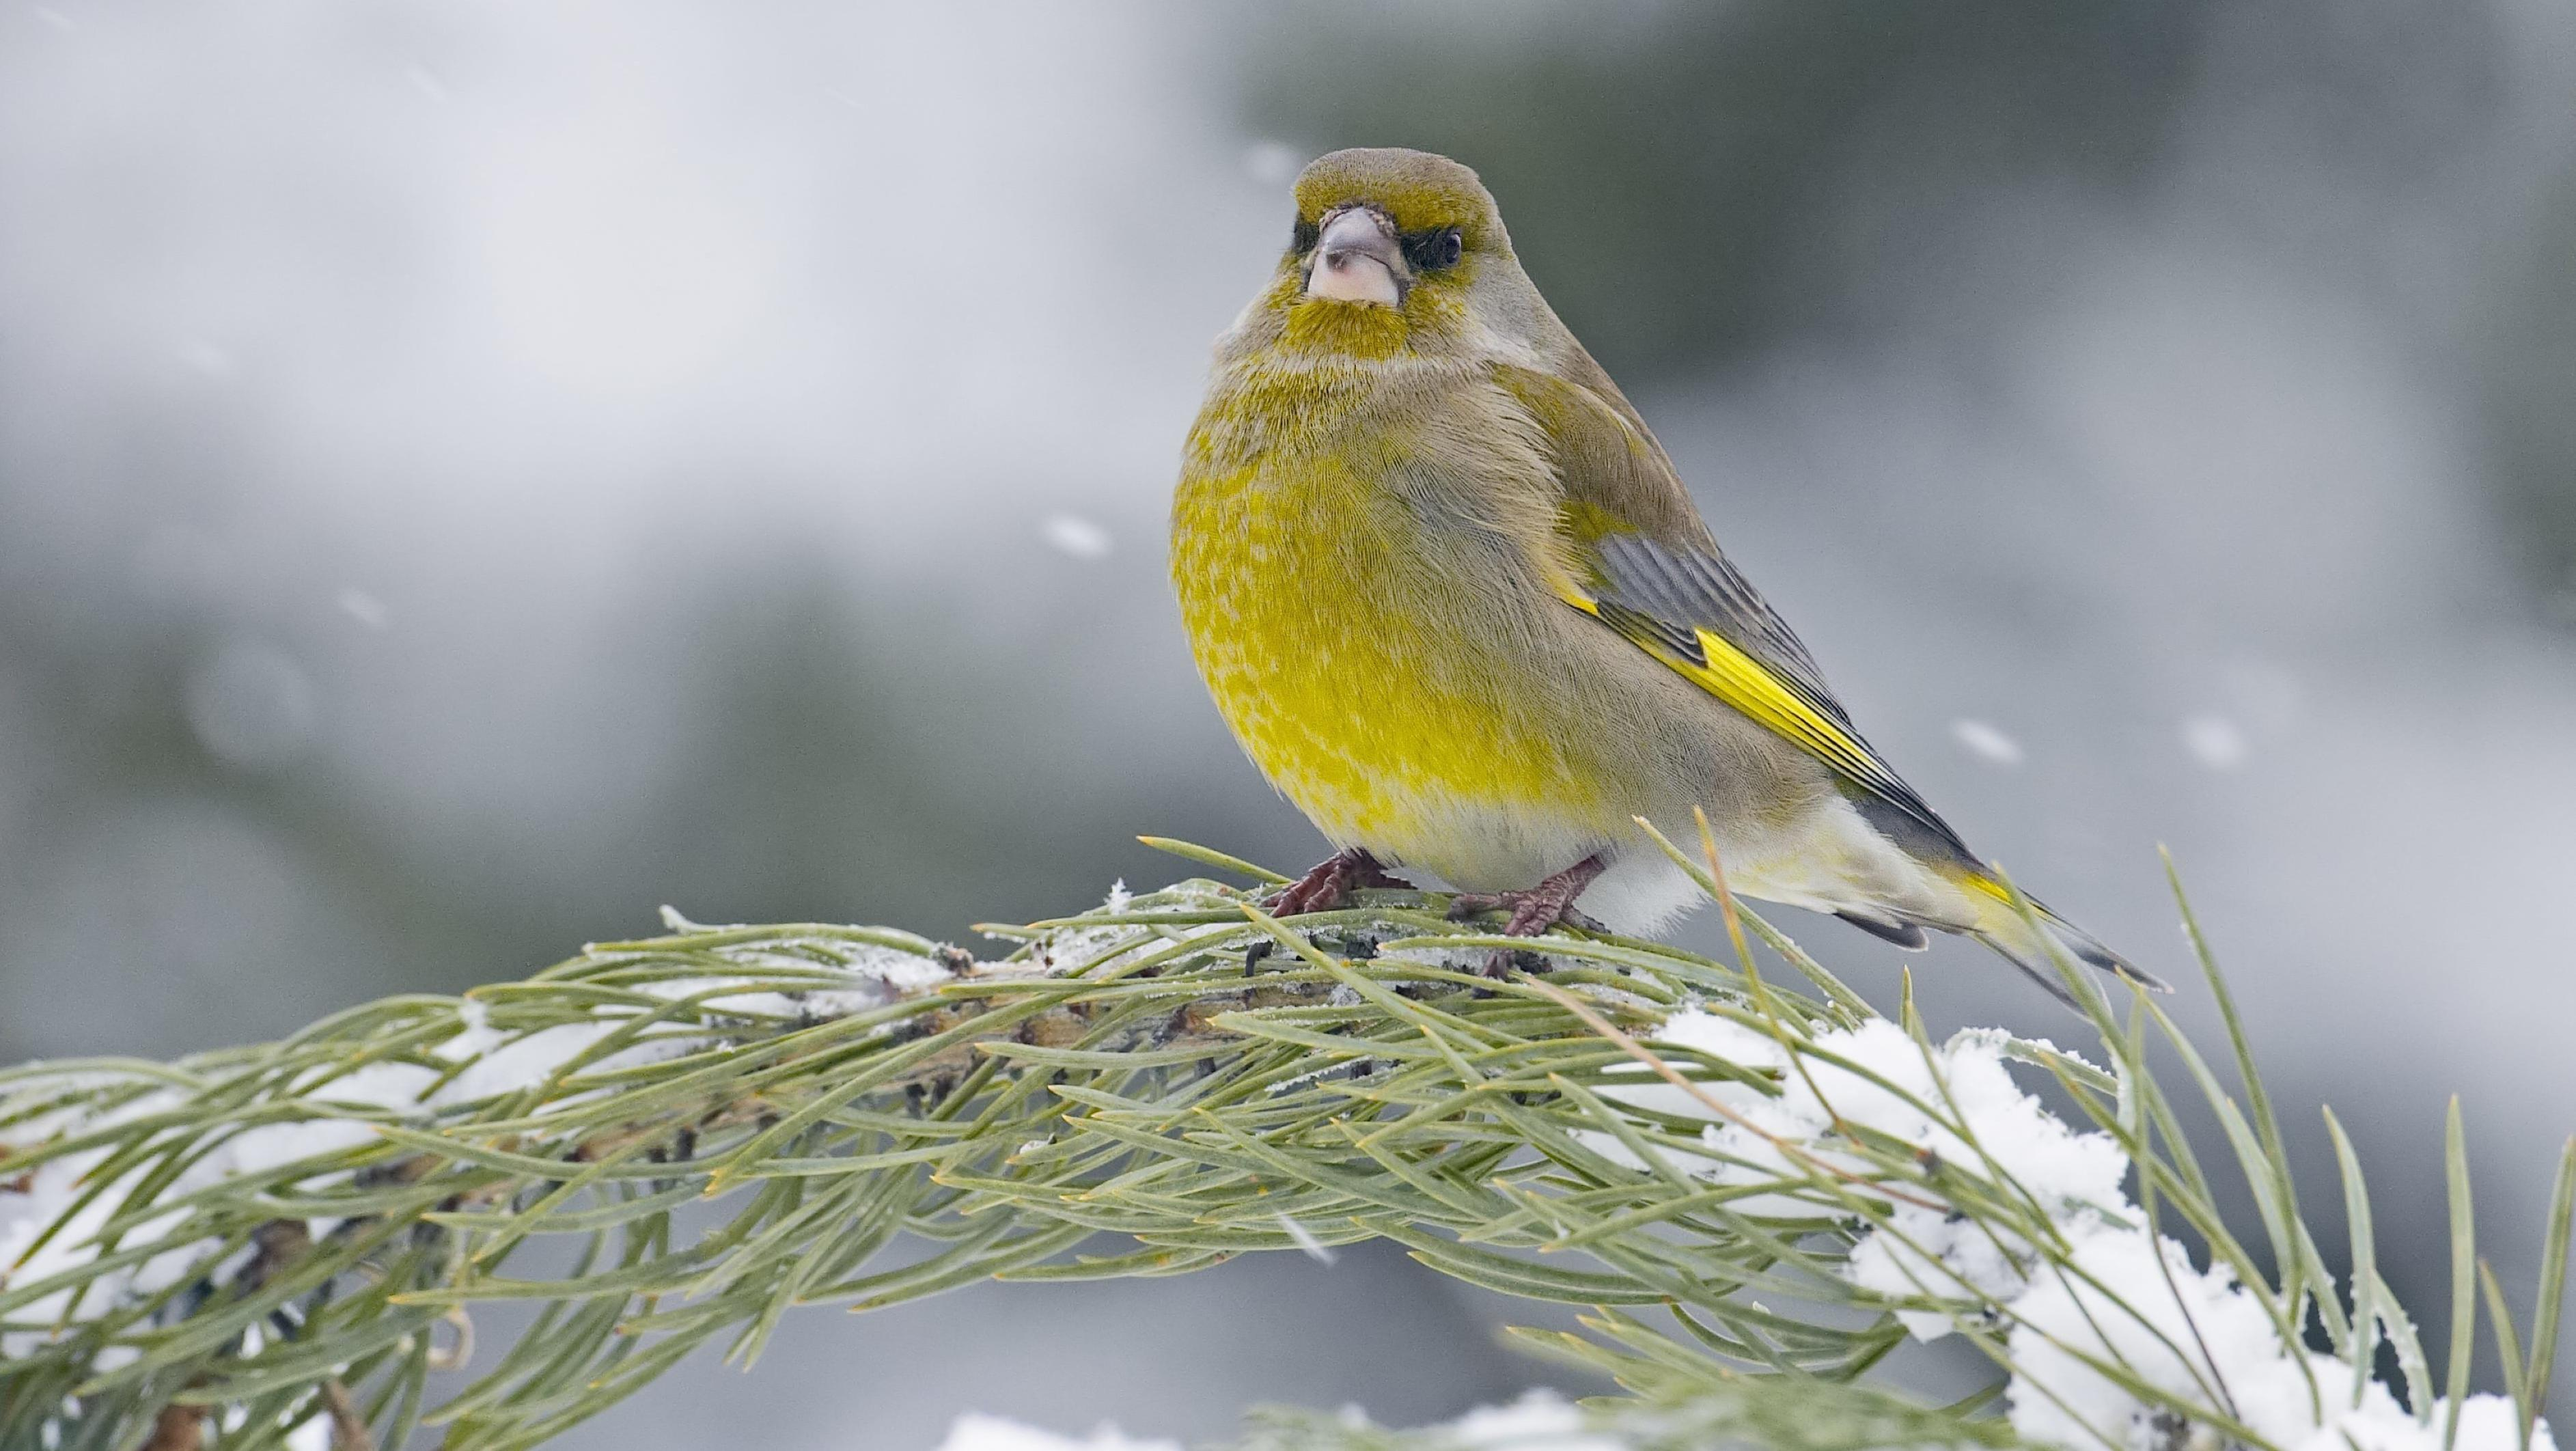 """Grünfink-Männchen. Wie sich der Grünfink-Bestand entwickelt hat, darüber soll die Vogelzählung bei der """"Stunde der Wintervögel"""" 2019 Aufschluss geben."""